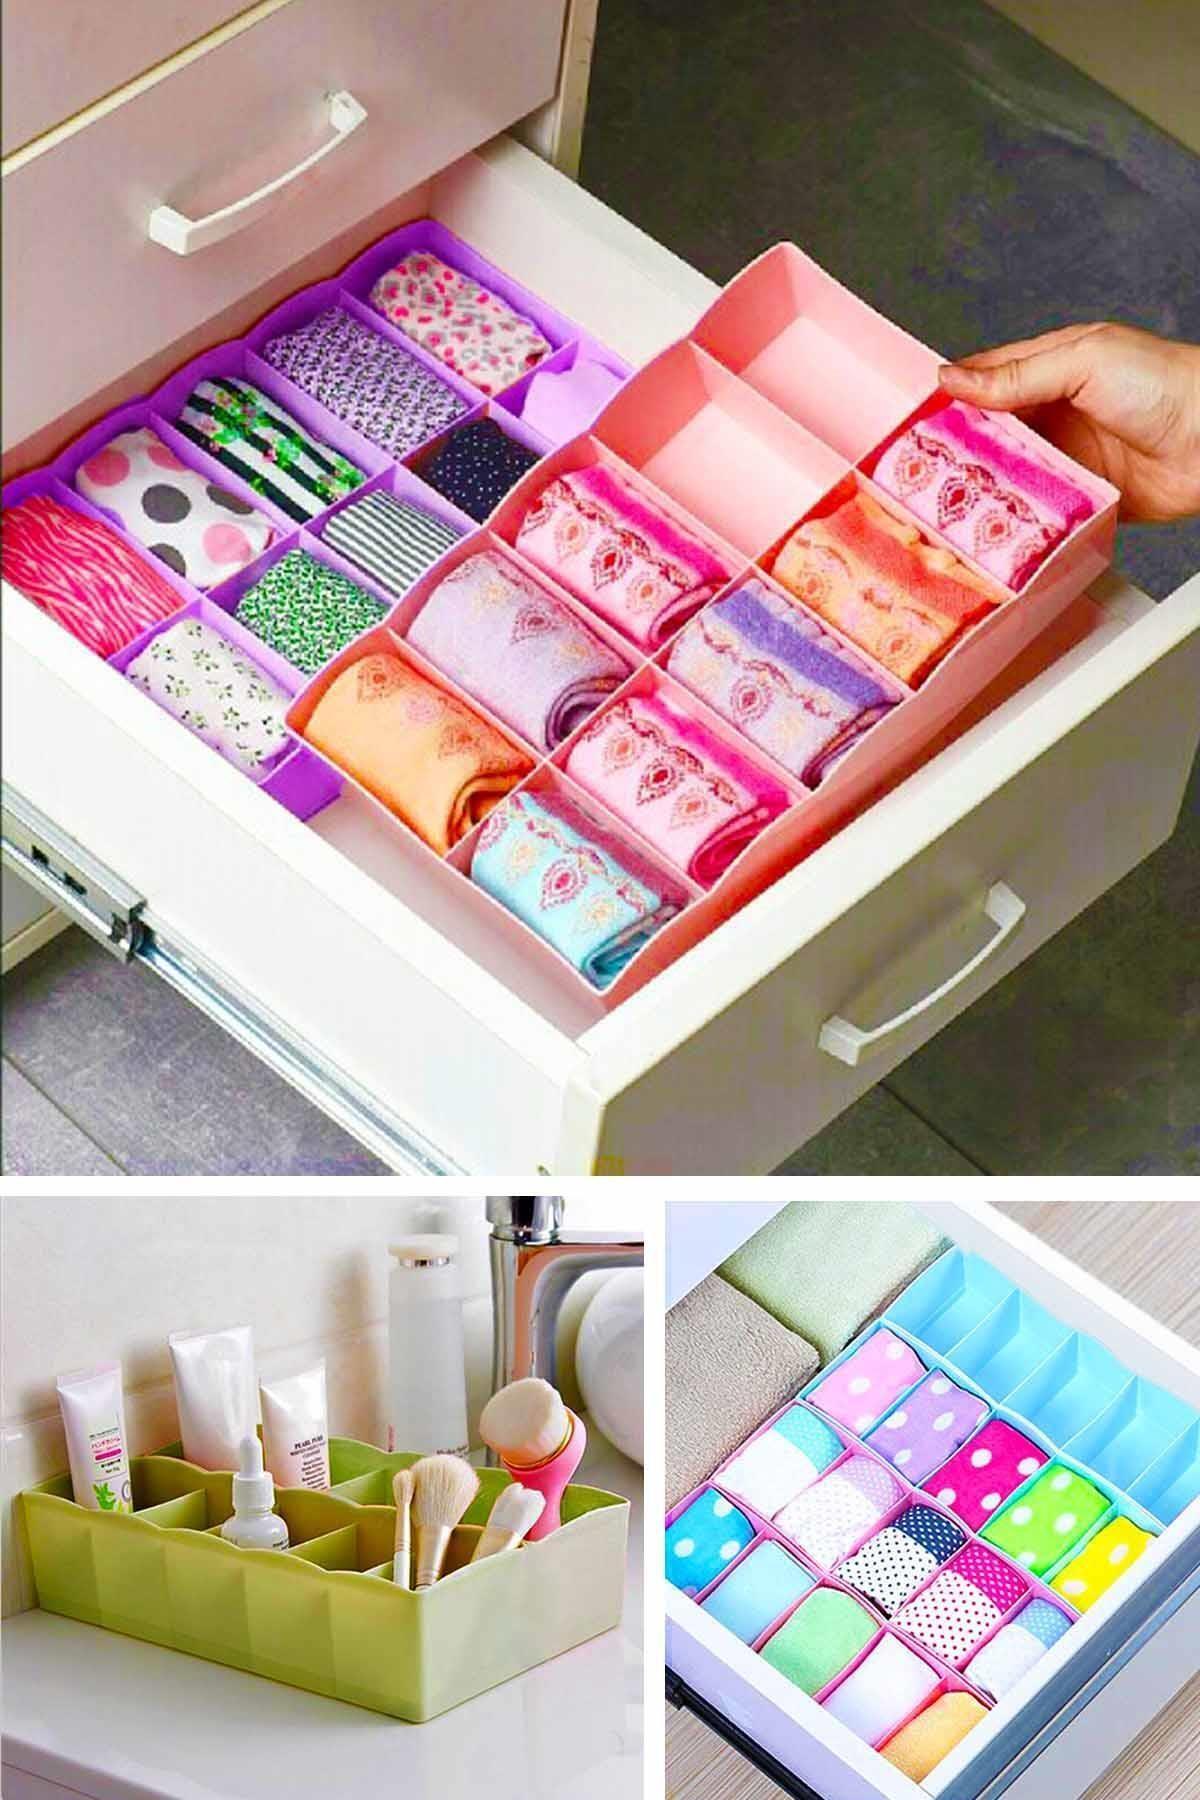 Helen's Home 10 Gözlü Çekmece Içi Çorap Düzenleyici Iç Çamaşırı Ve Makyaj Düzenleyici Plastik Organizer 1